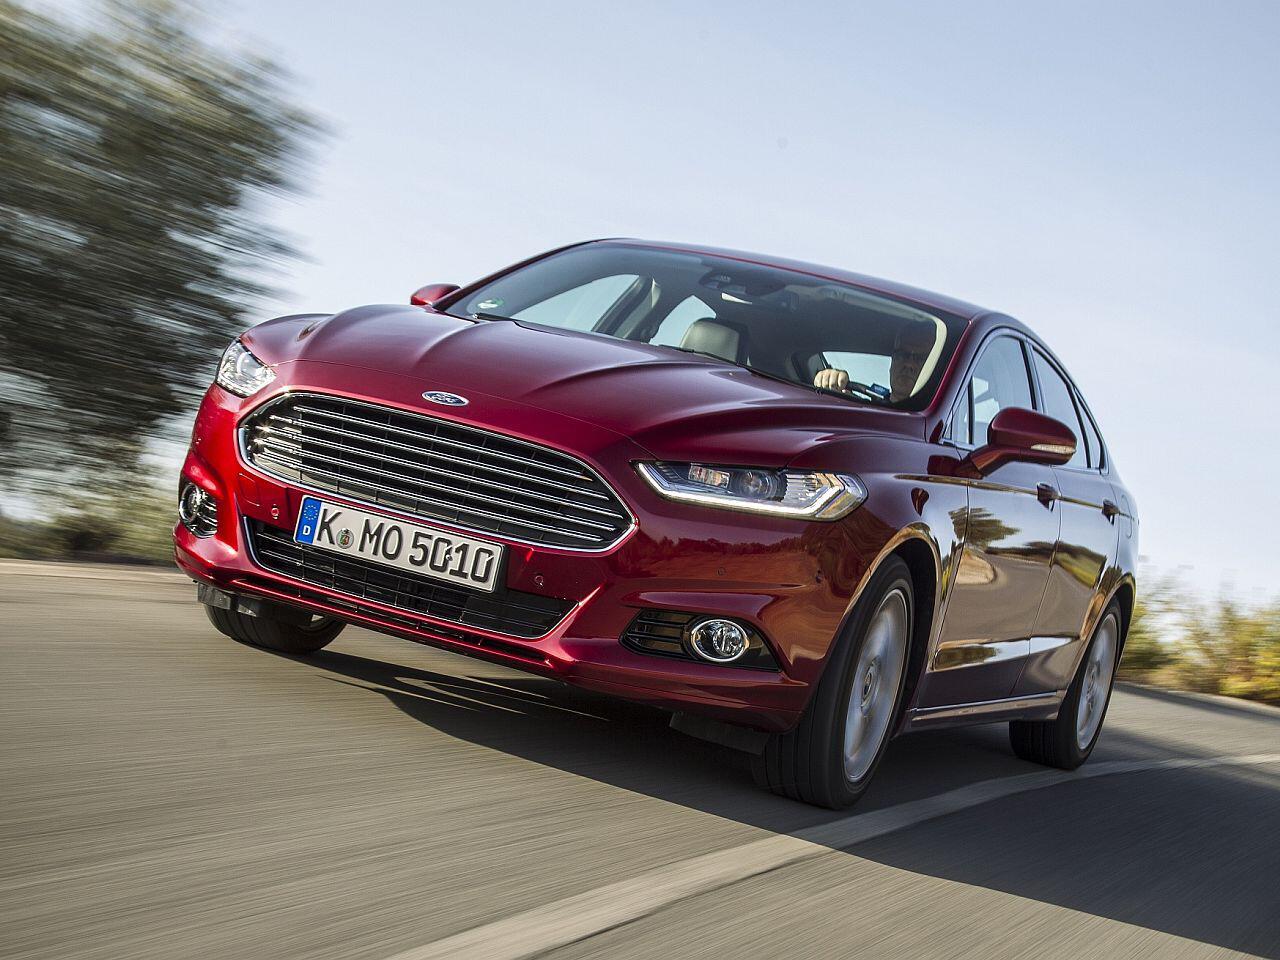 Bild zu Platz 9: Ford Mondeo 2.0 EcoBoost